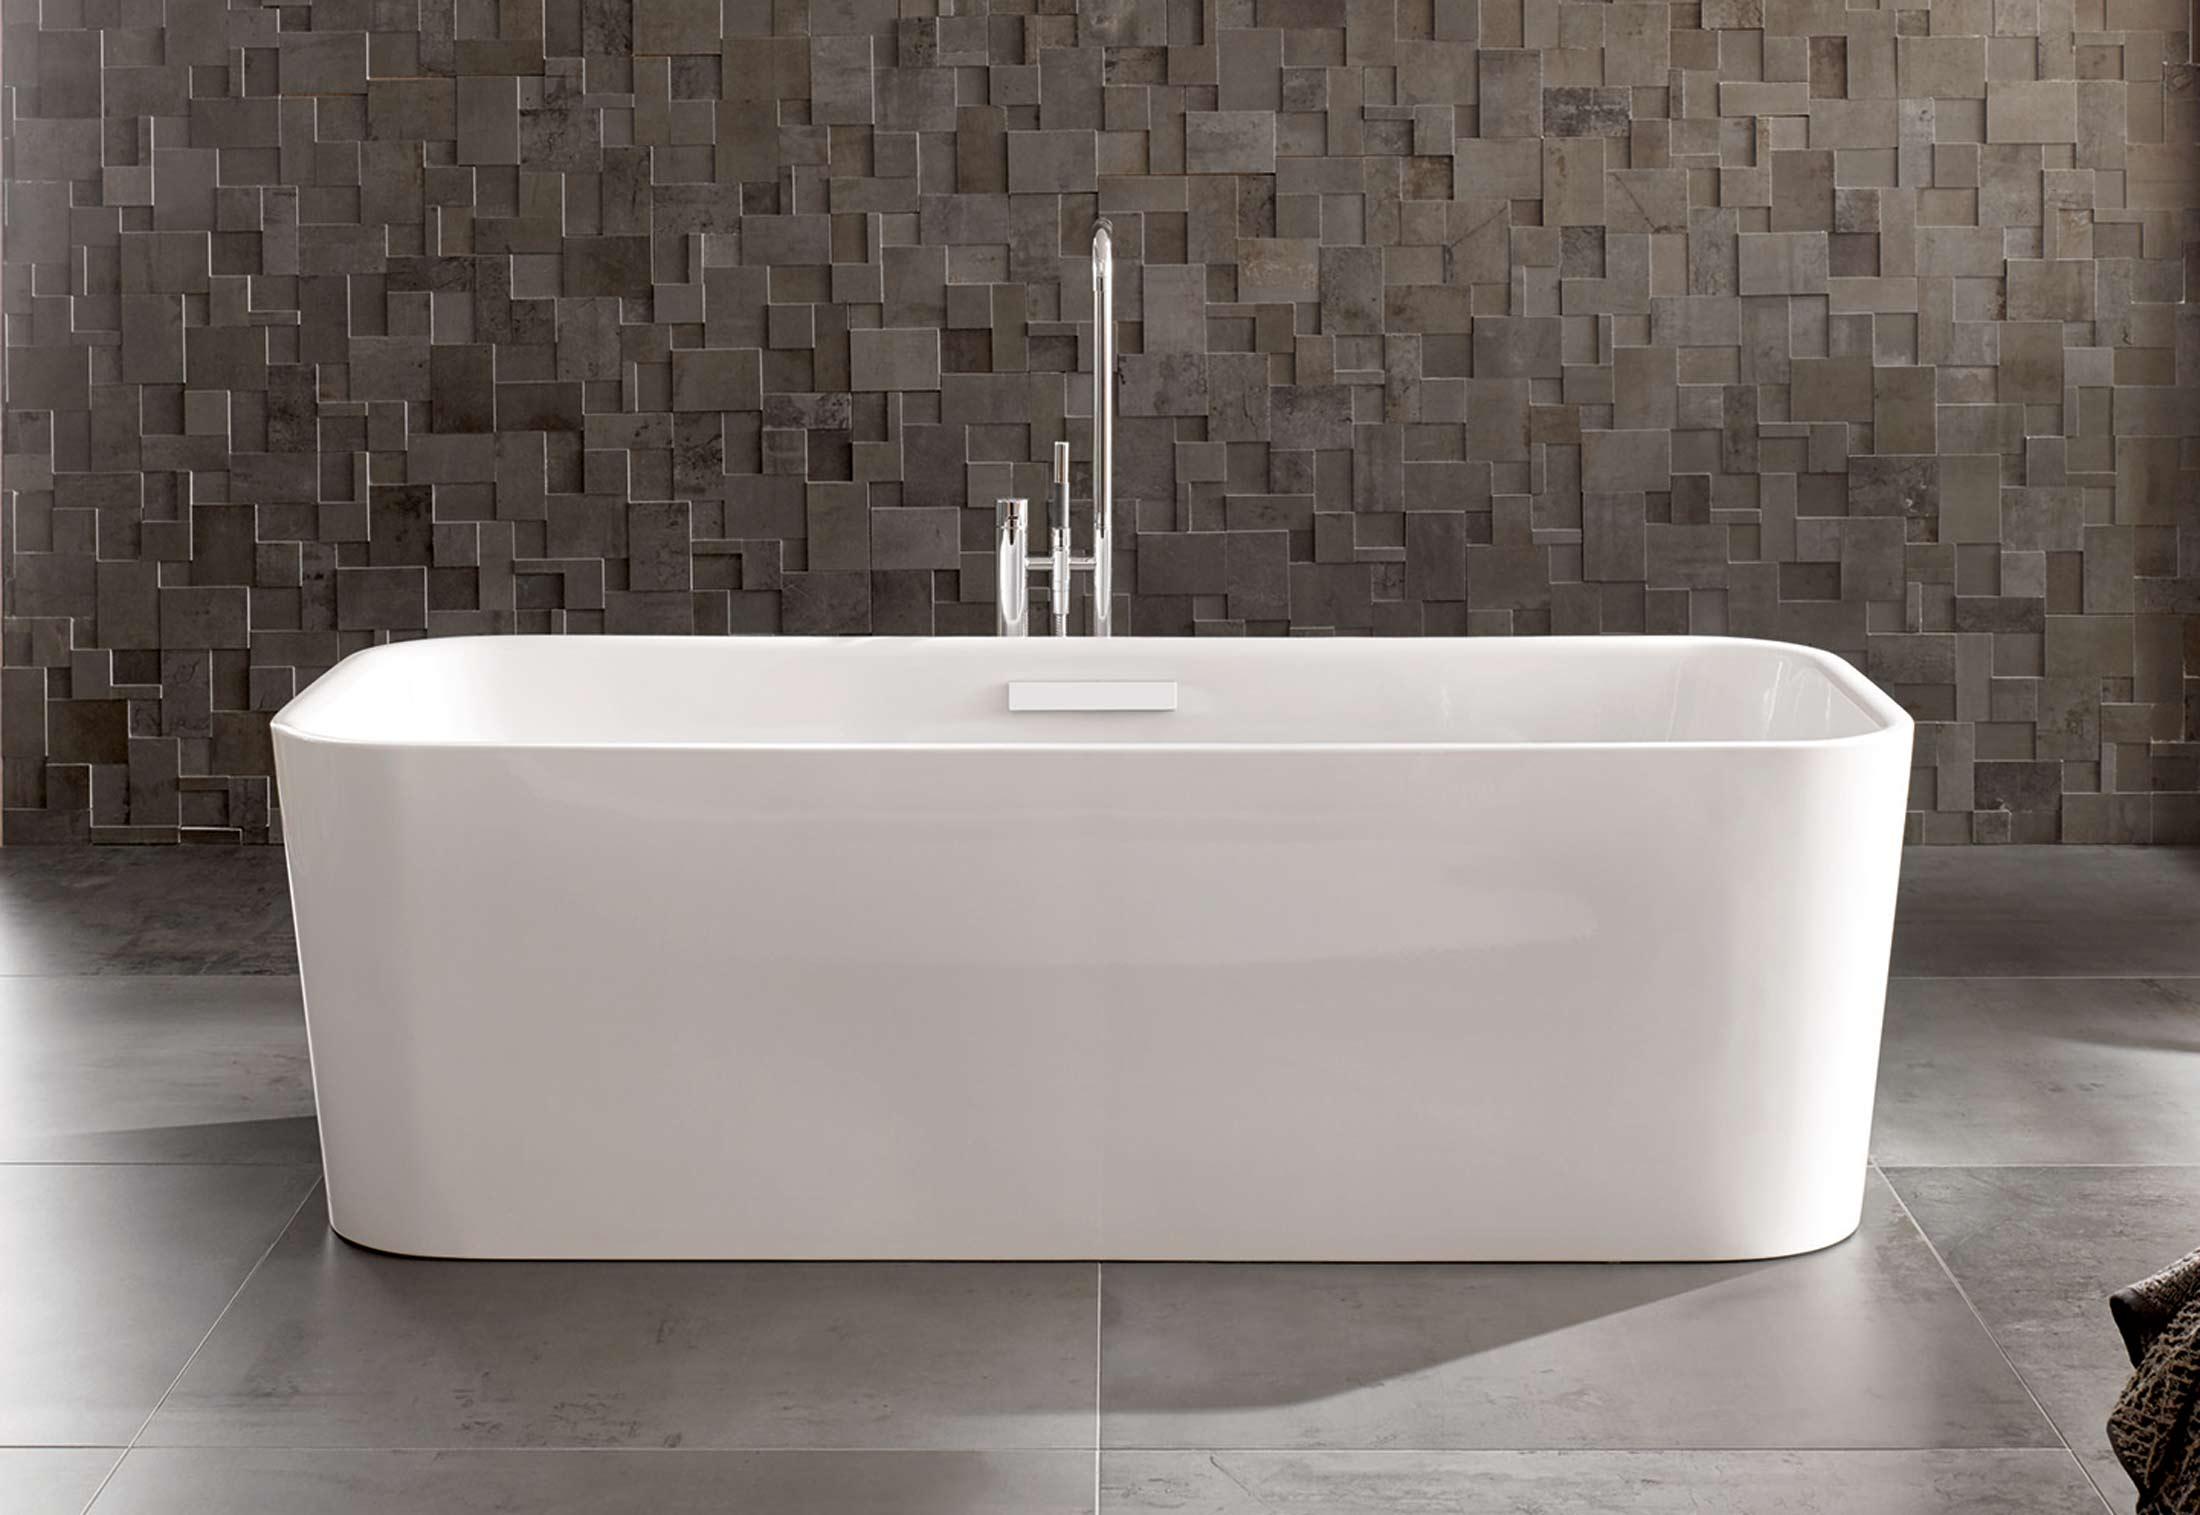 BETTEART bathtube by Bette | STYLEPARK